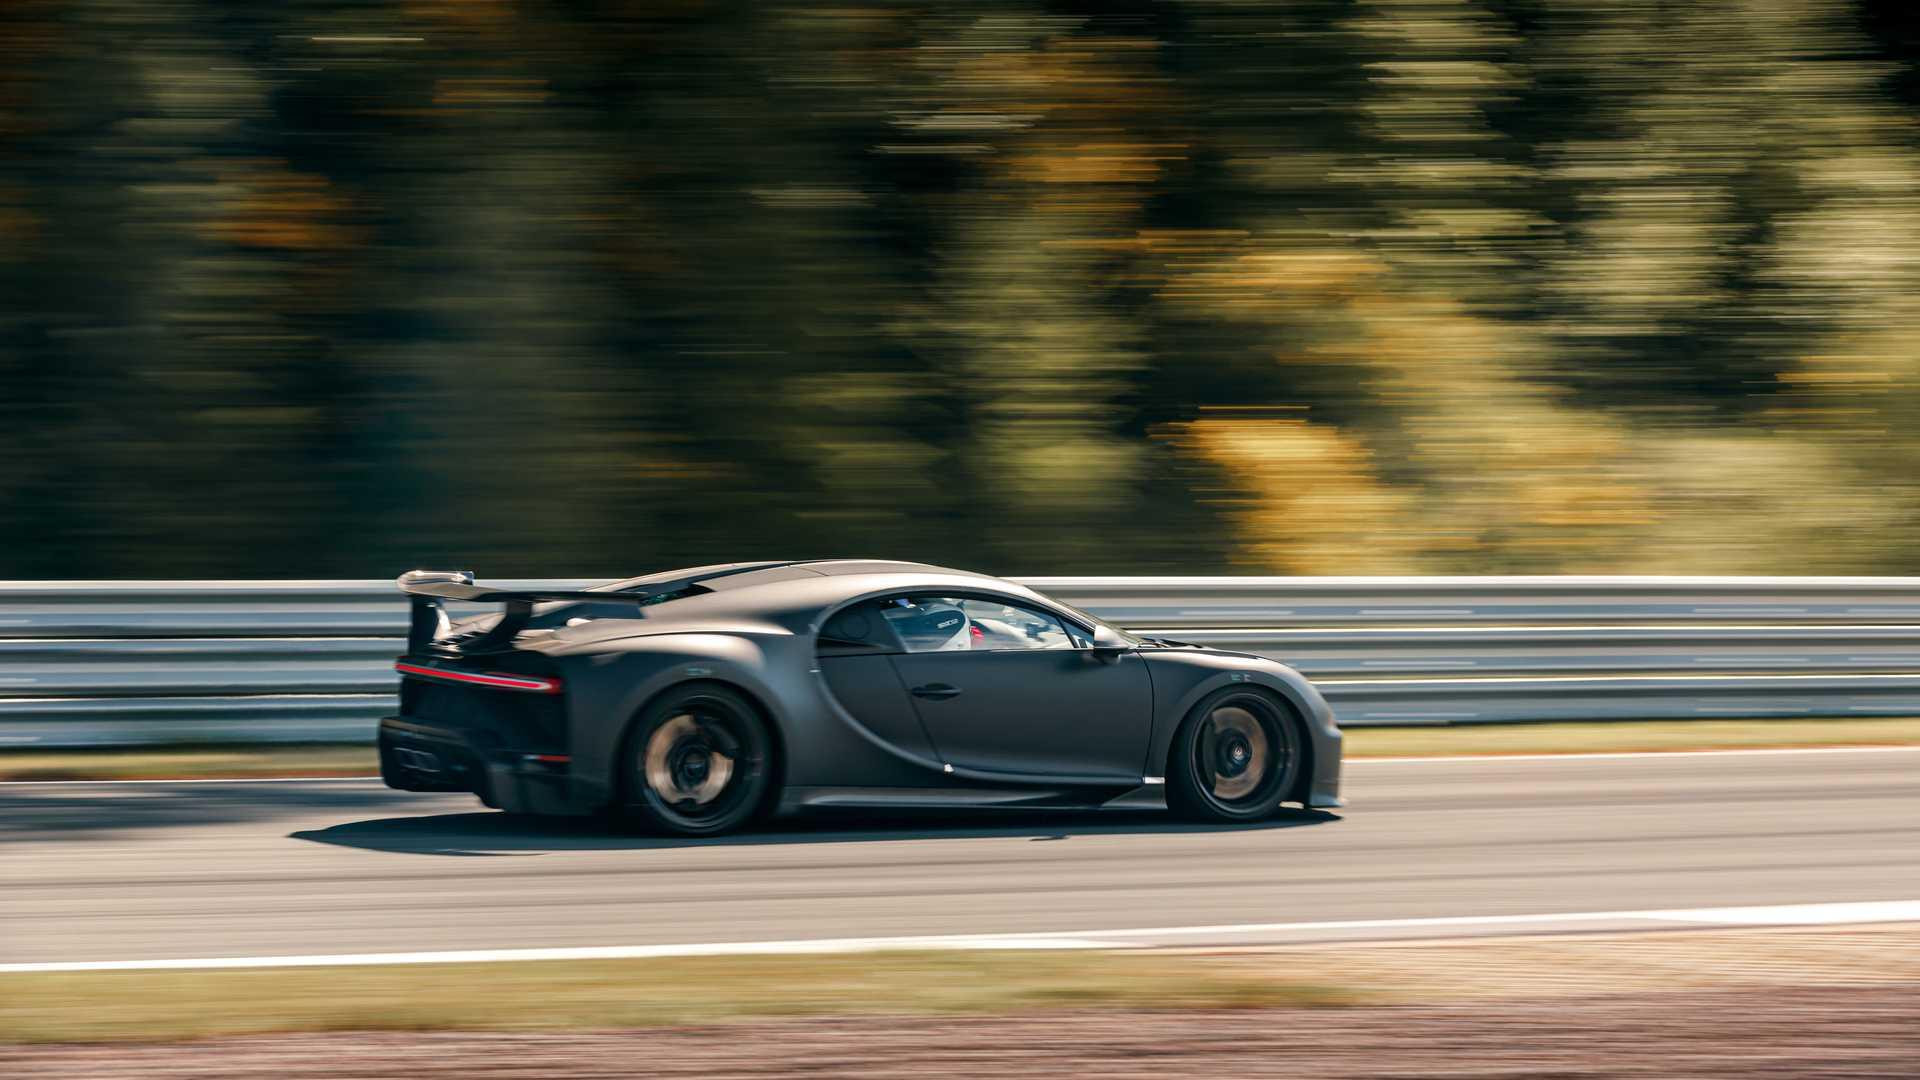 Bugatti_Chiron_Pur_Sport_Bilster_Berg_0007